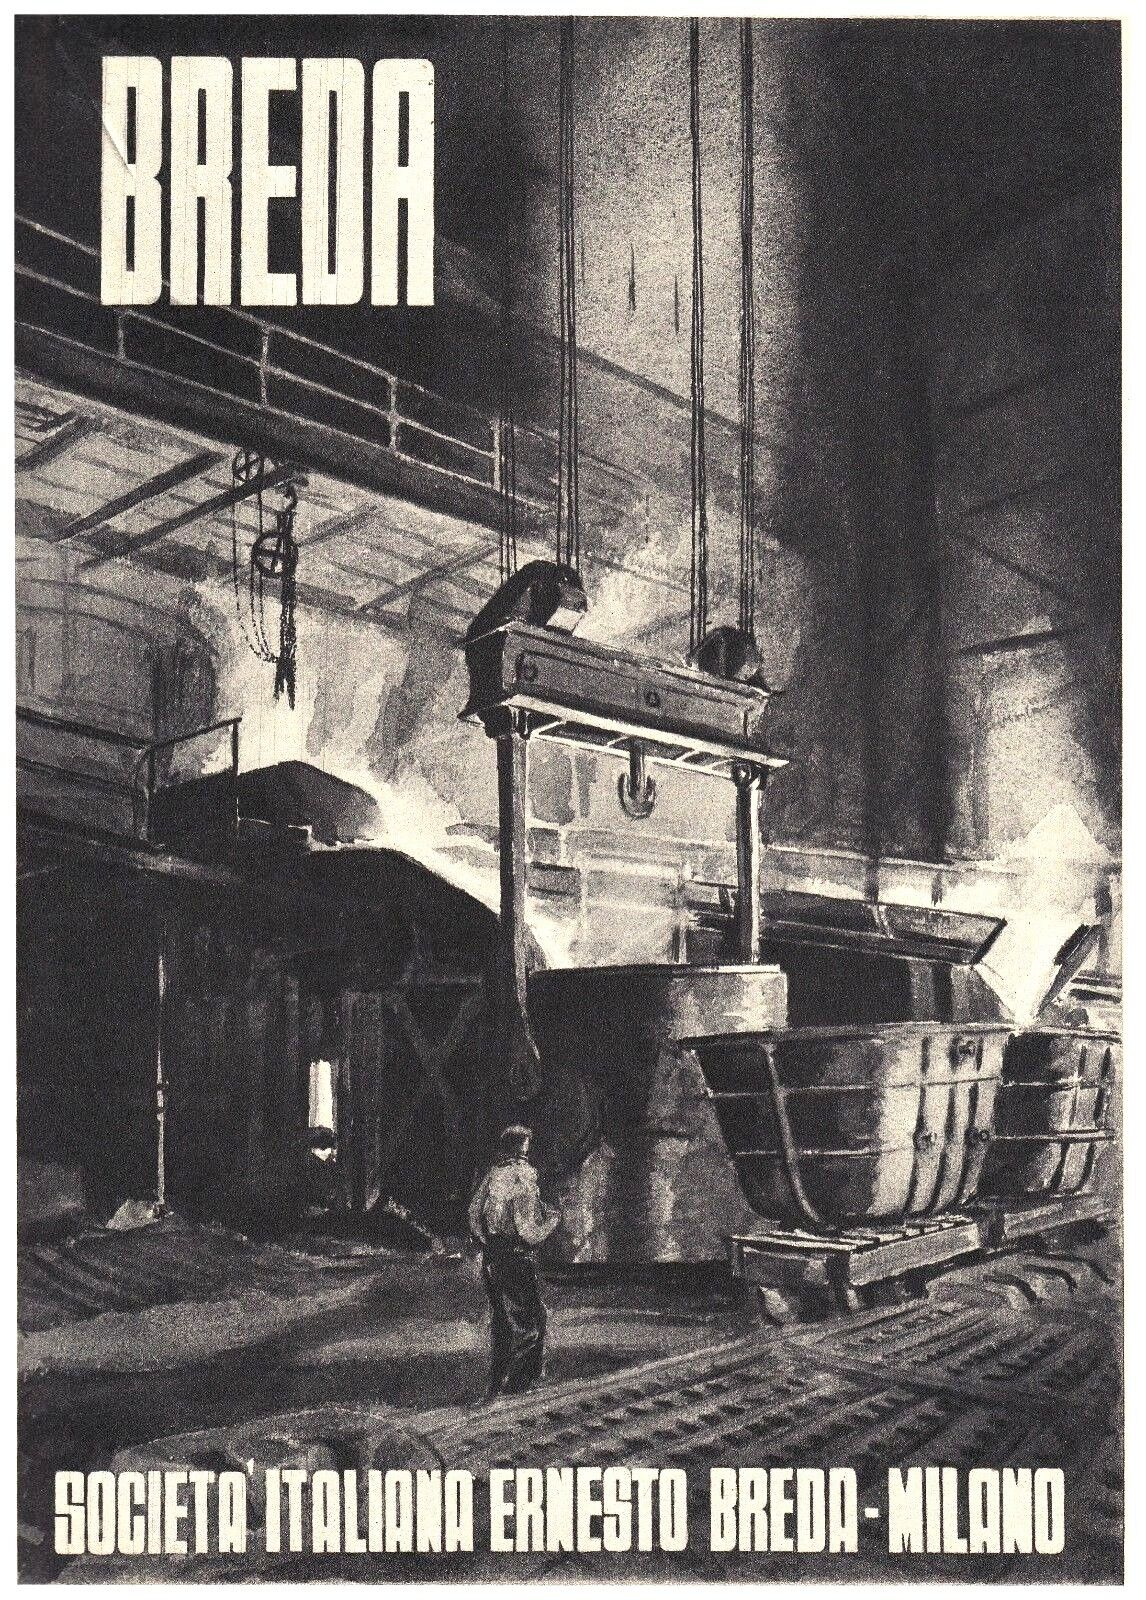 PUBBLICITA' 1943 BREDA AUTARCHIA FONDERIA INDUSTRIA ACCIAIO SIVIERA AUTARCHIA